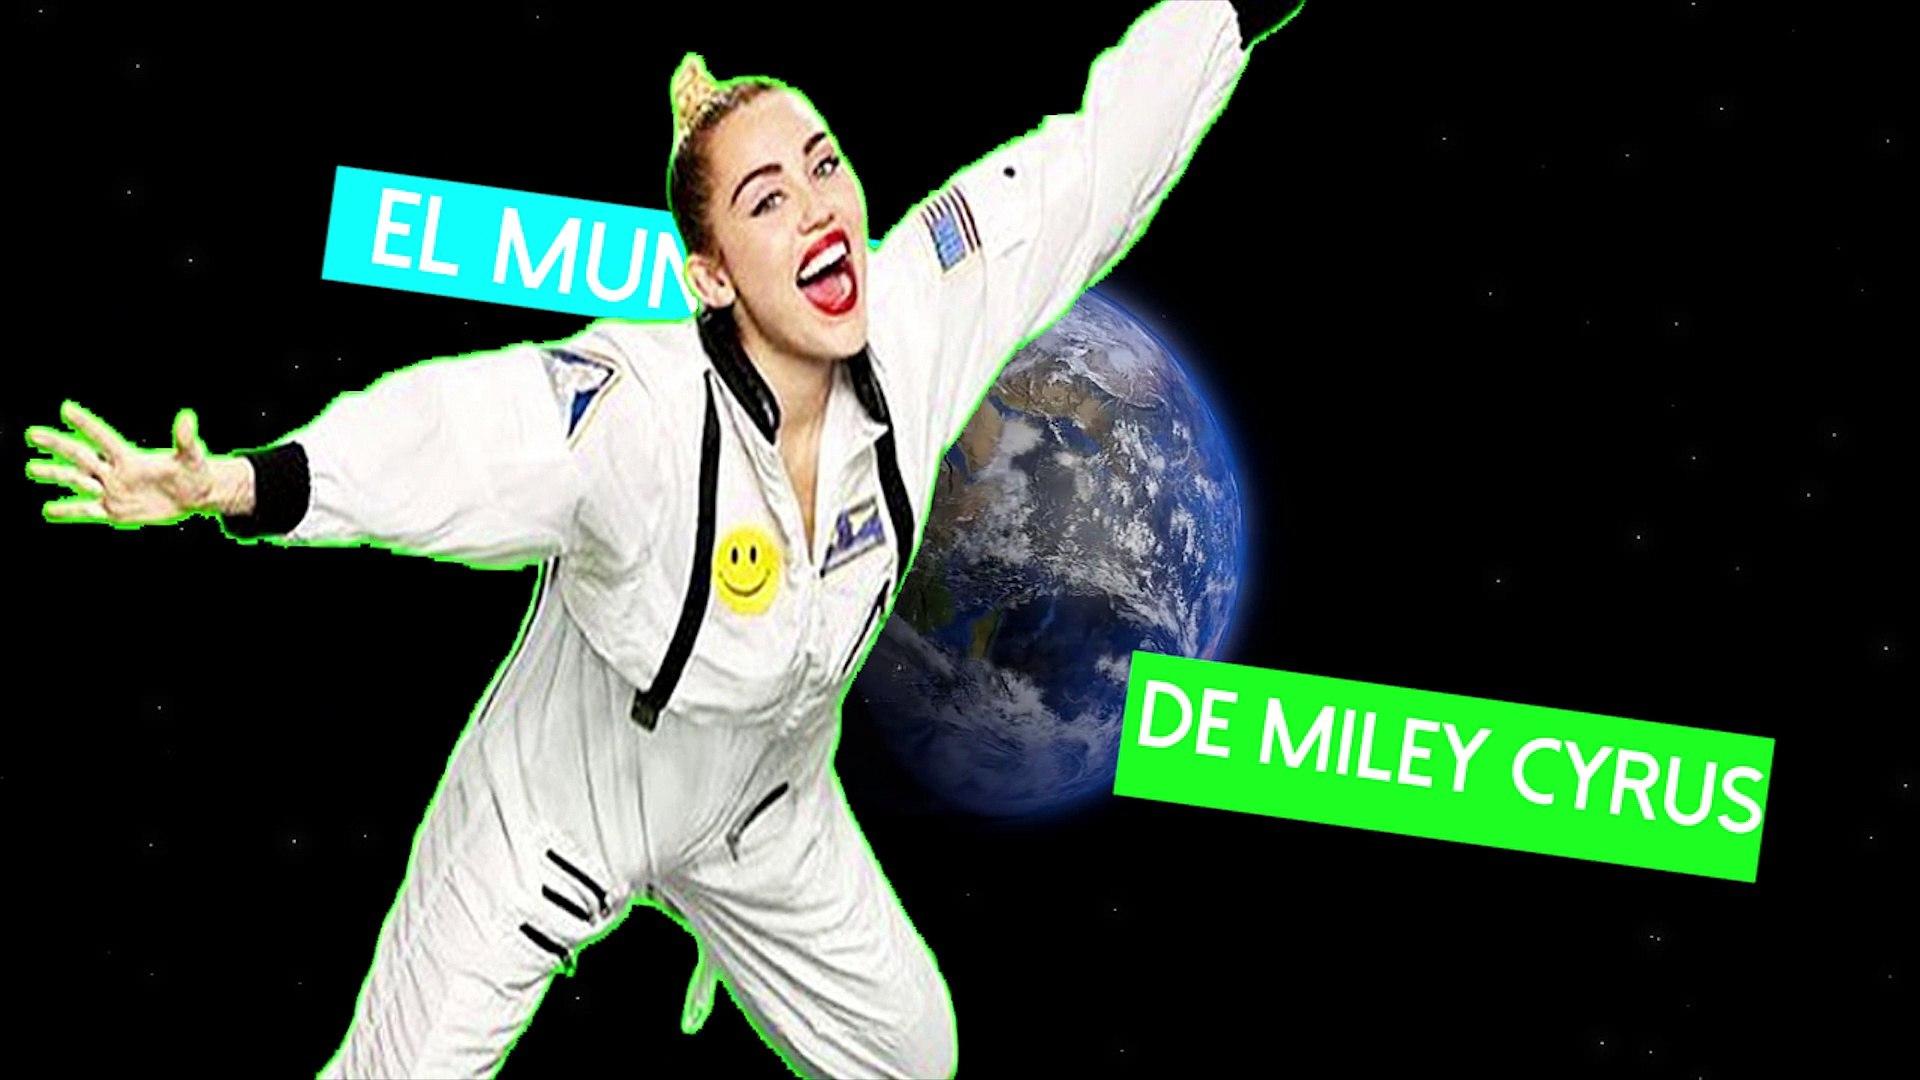 El mundo de Miley Cyrus